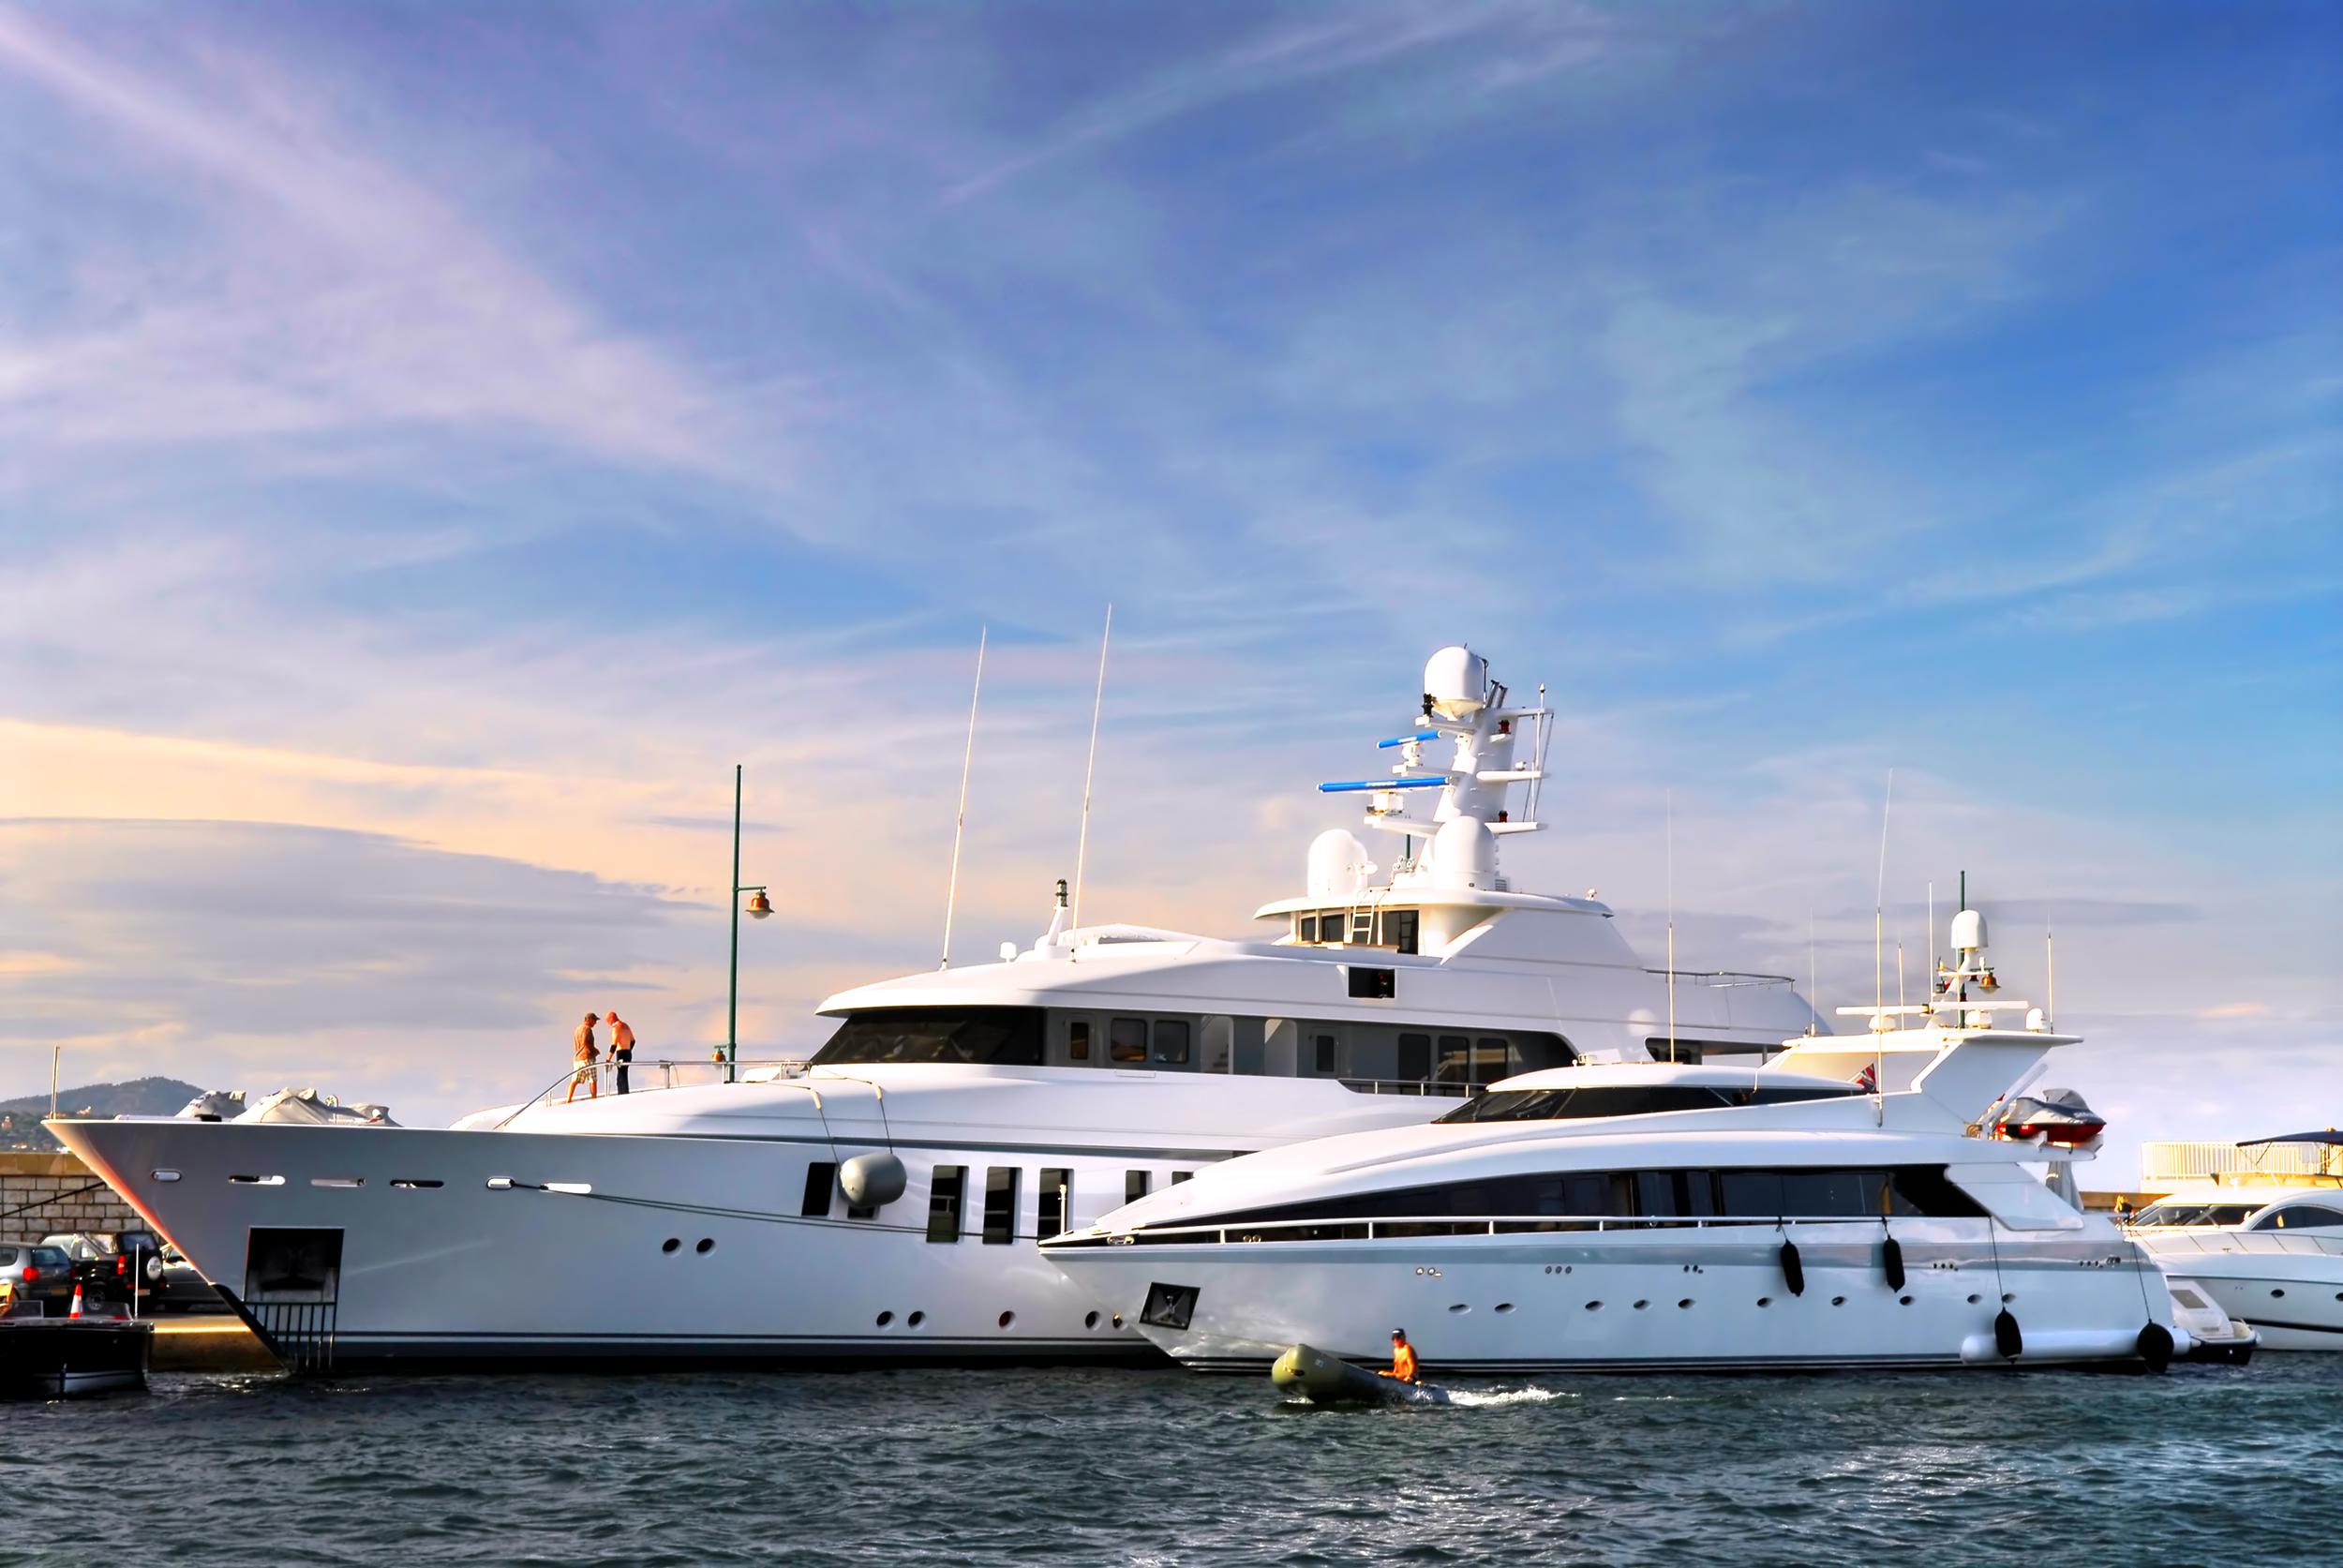 Luxury Yatch - 220 feet